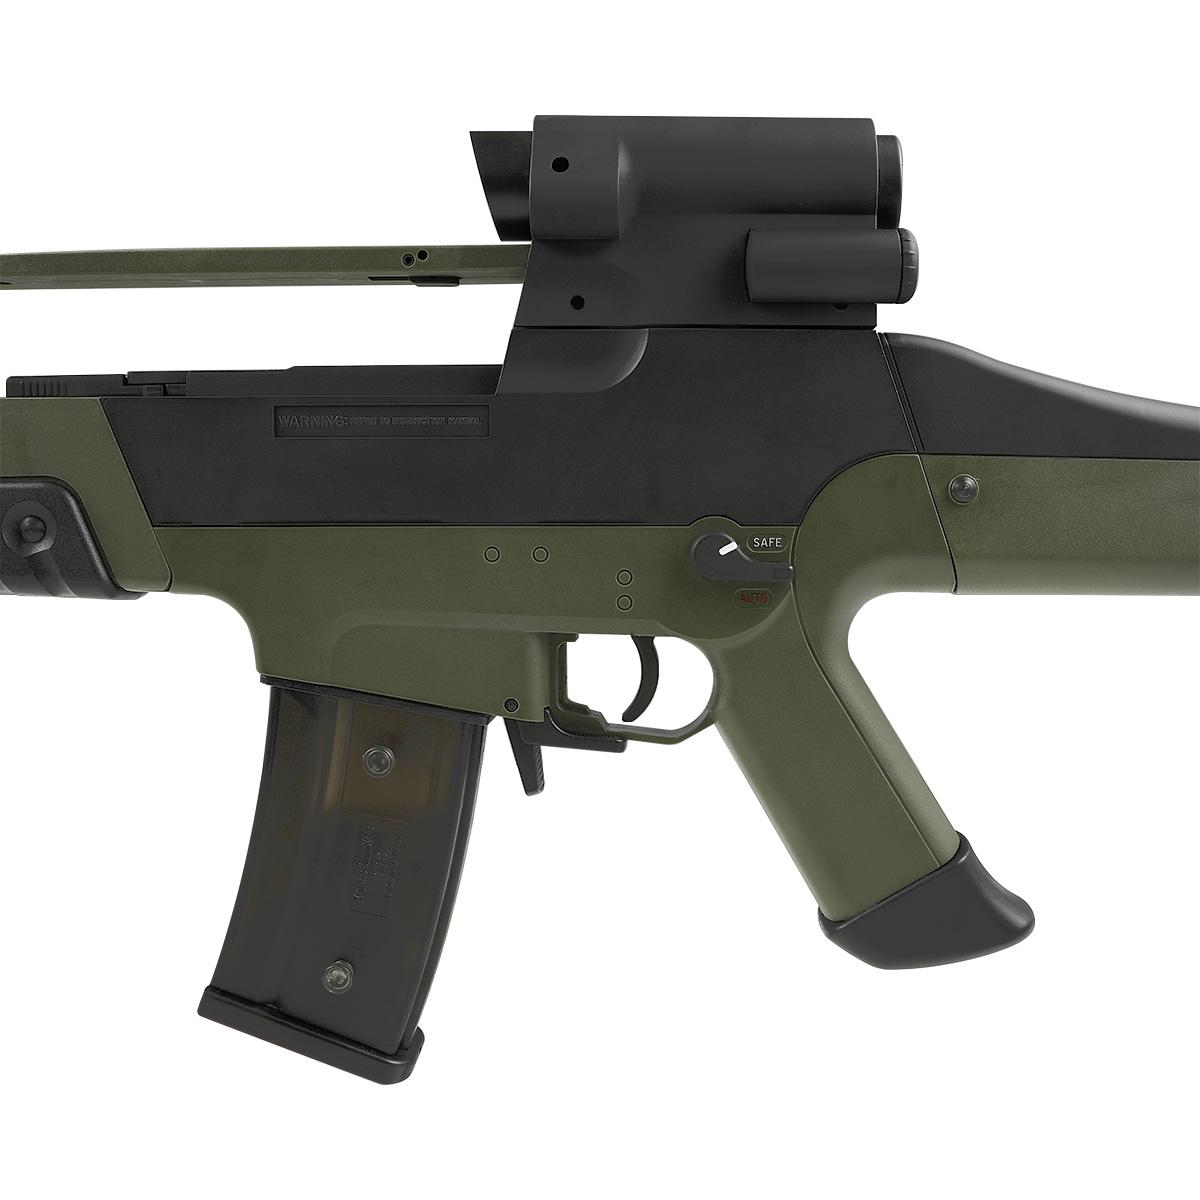 【同梱不可】 SRC H&K XM8 フルサイズ電動ガン NV Olive (JP Ver.) 【配送業者:佐川急便限定】